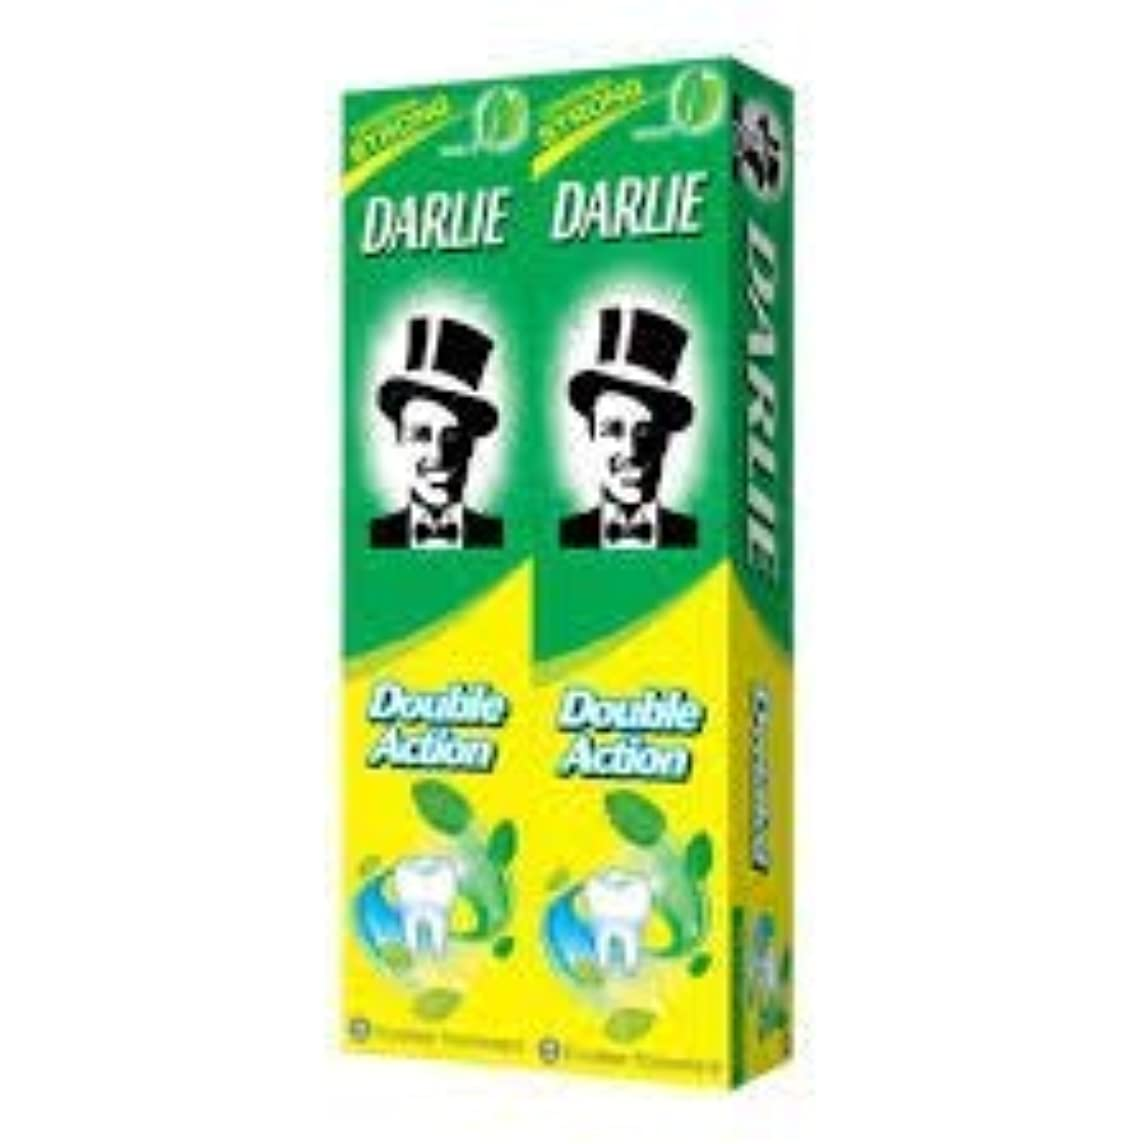 腹作成する刈り取るDARLIE 歯磨き粉2×225gの複動GWPは、より永続的な新鮮な息12時間-gives - 口腔細菌を減少させるのに有効